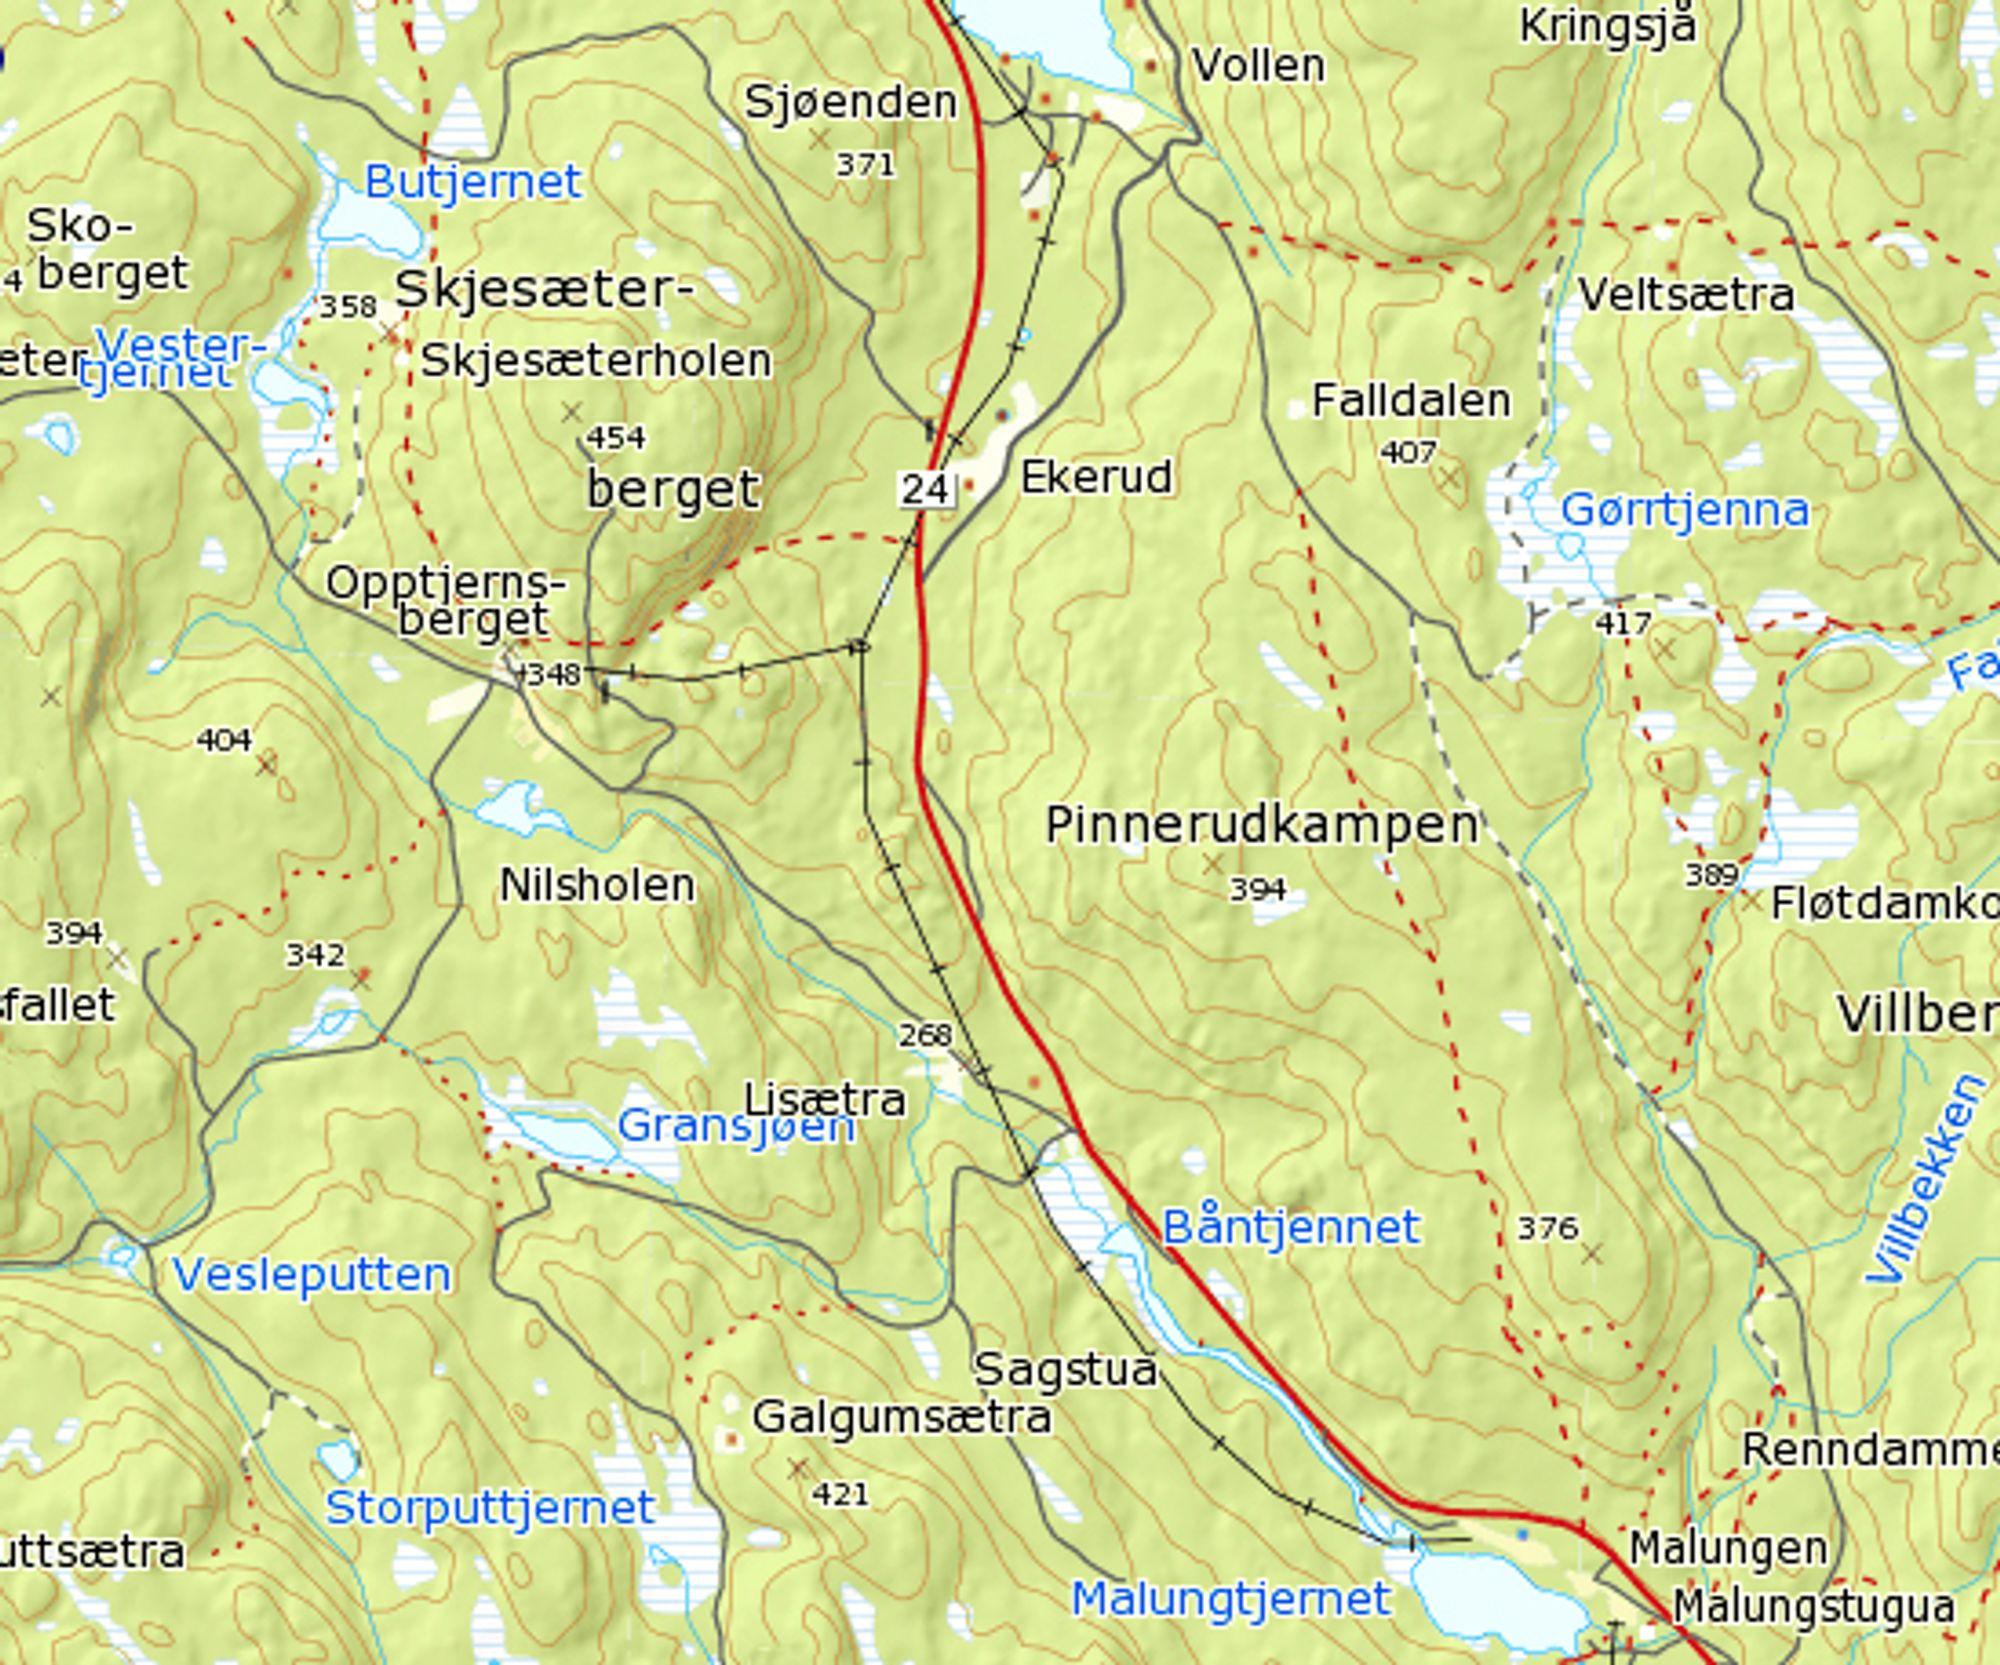 Navnene på ytterpunktene for strekningen som skal utbedres kan ses nederst og øverst på kartet. Åge Haverstad fra Sør-Fron ligger godt an til å få kontrakten. Ill.: Statkart